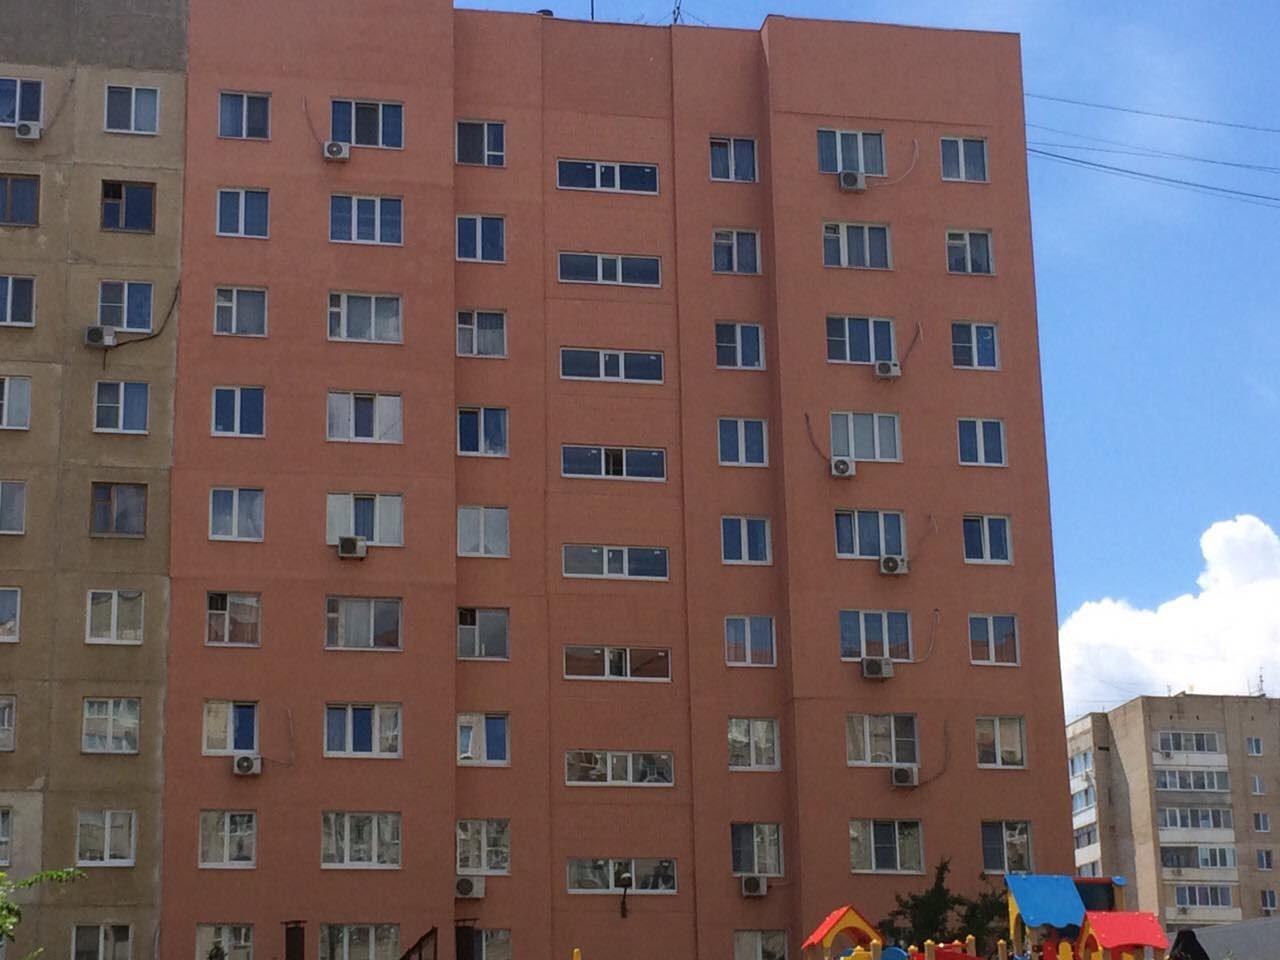 Утепление многоквартирного жилого домаг.Саратов, ул. Шевырёвская, д.№2Работы производили с помощью фасадного подъёмника ZLP-630500м2.